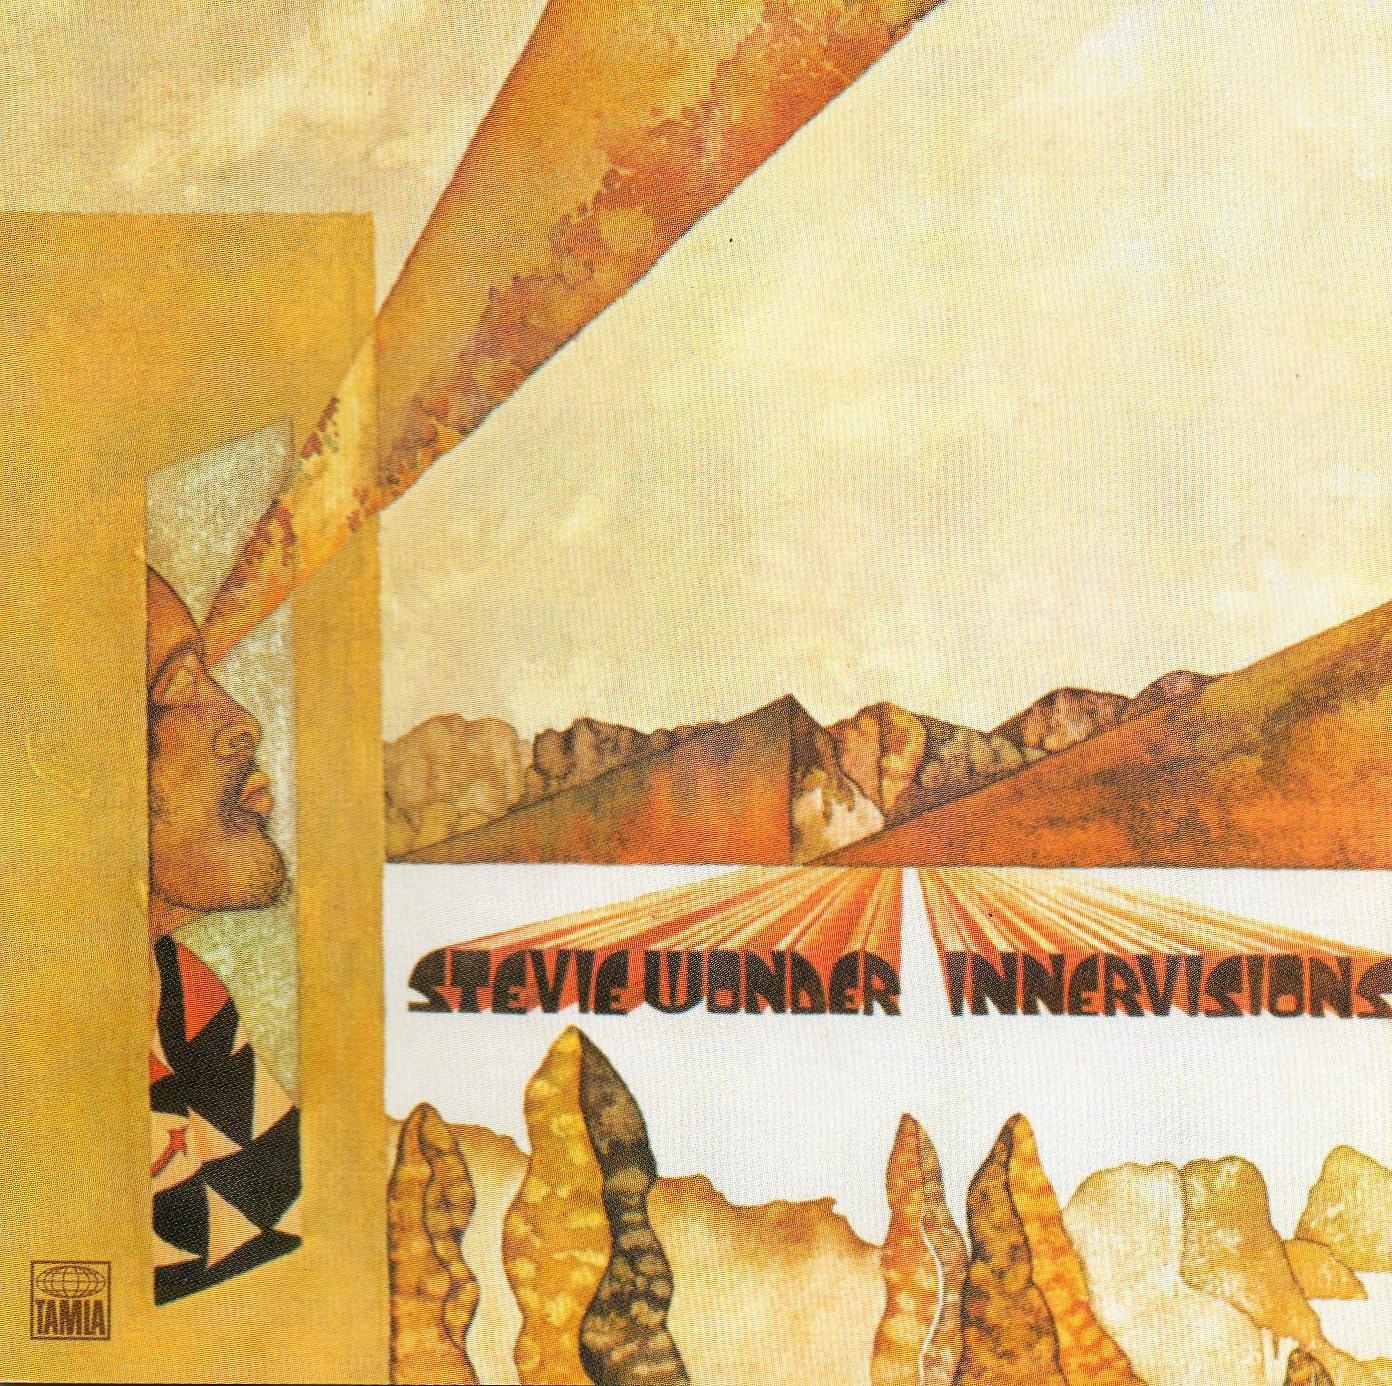 Show #113: Stevie Wonder's Innervisions